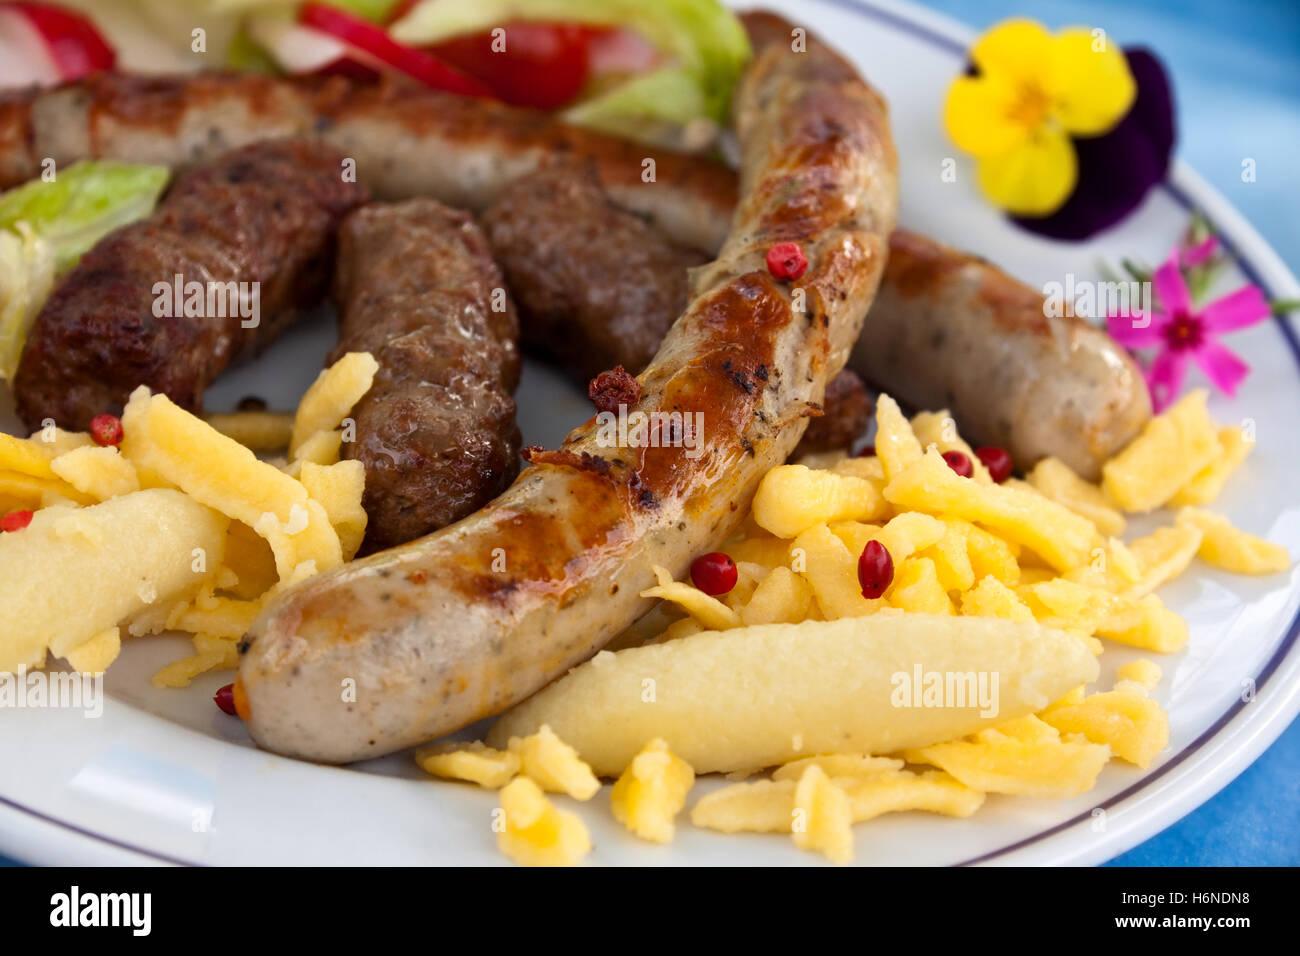 Salade de pâtes avec saucisse, Photo Stock